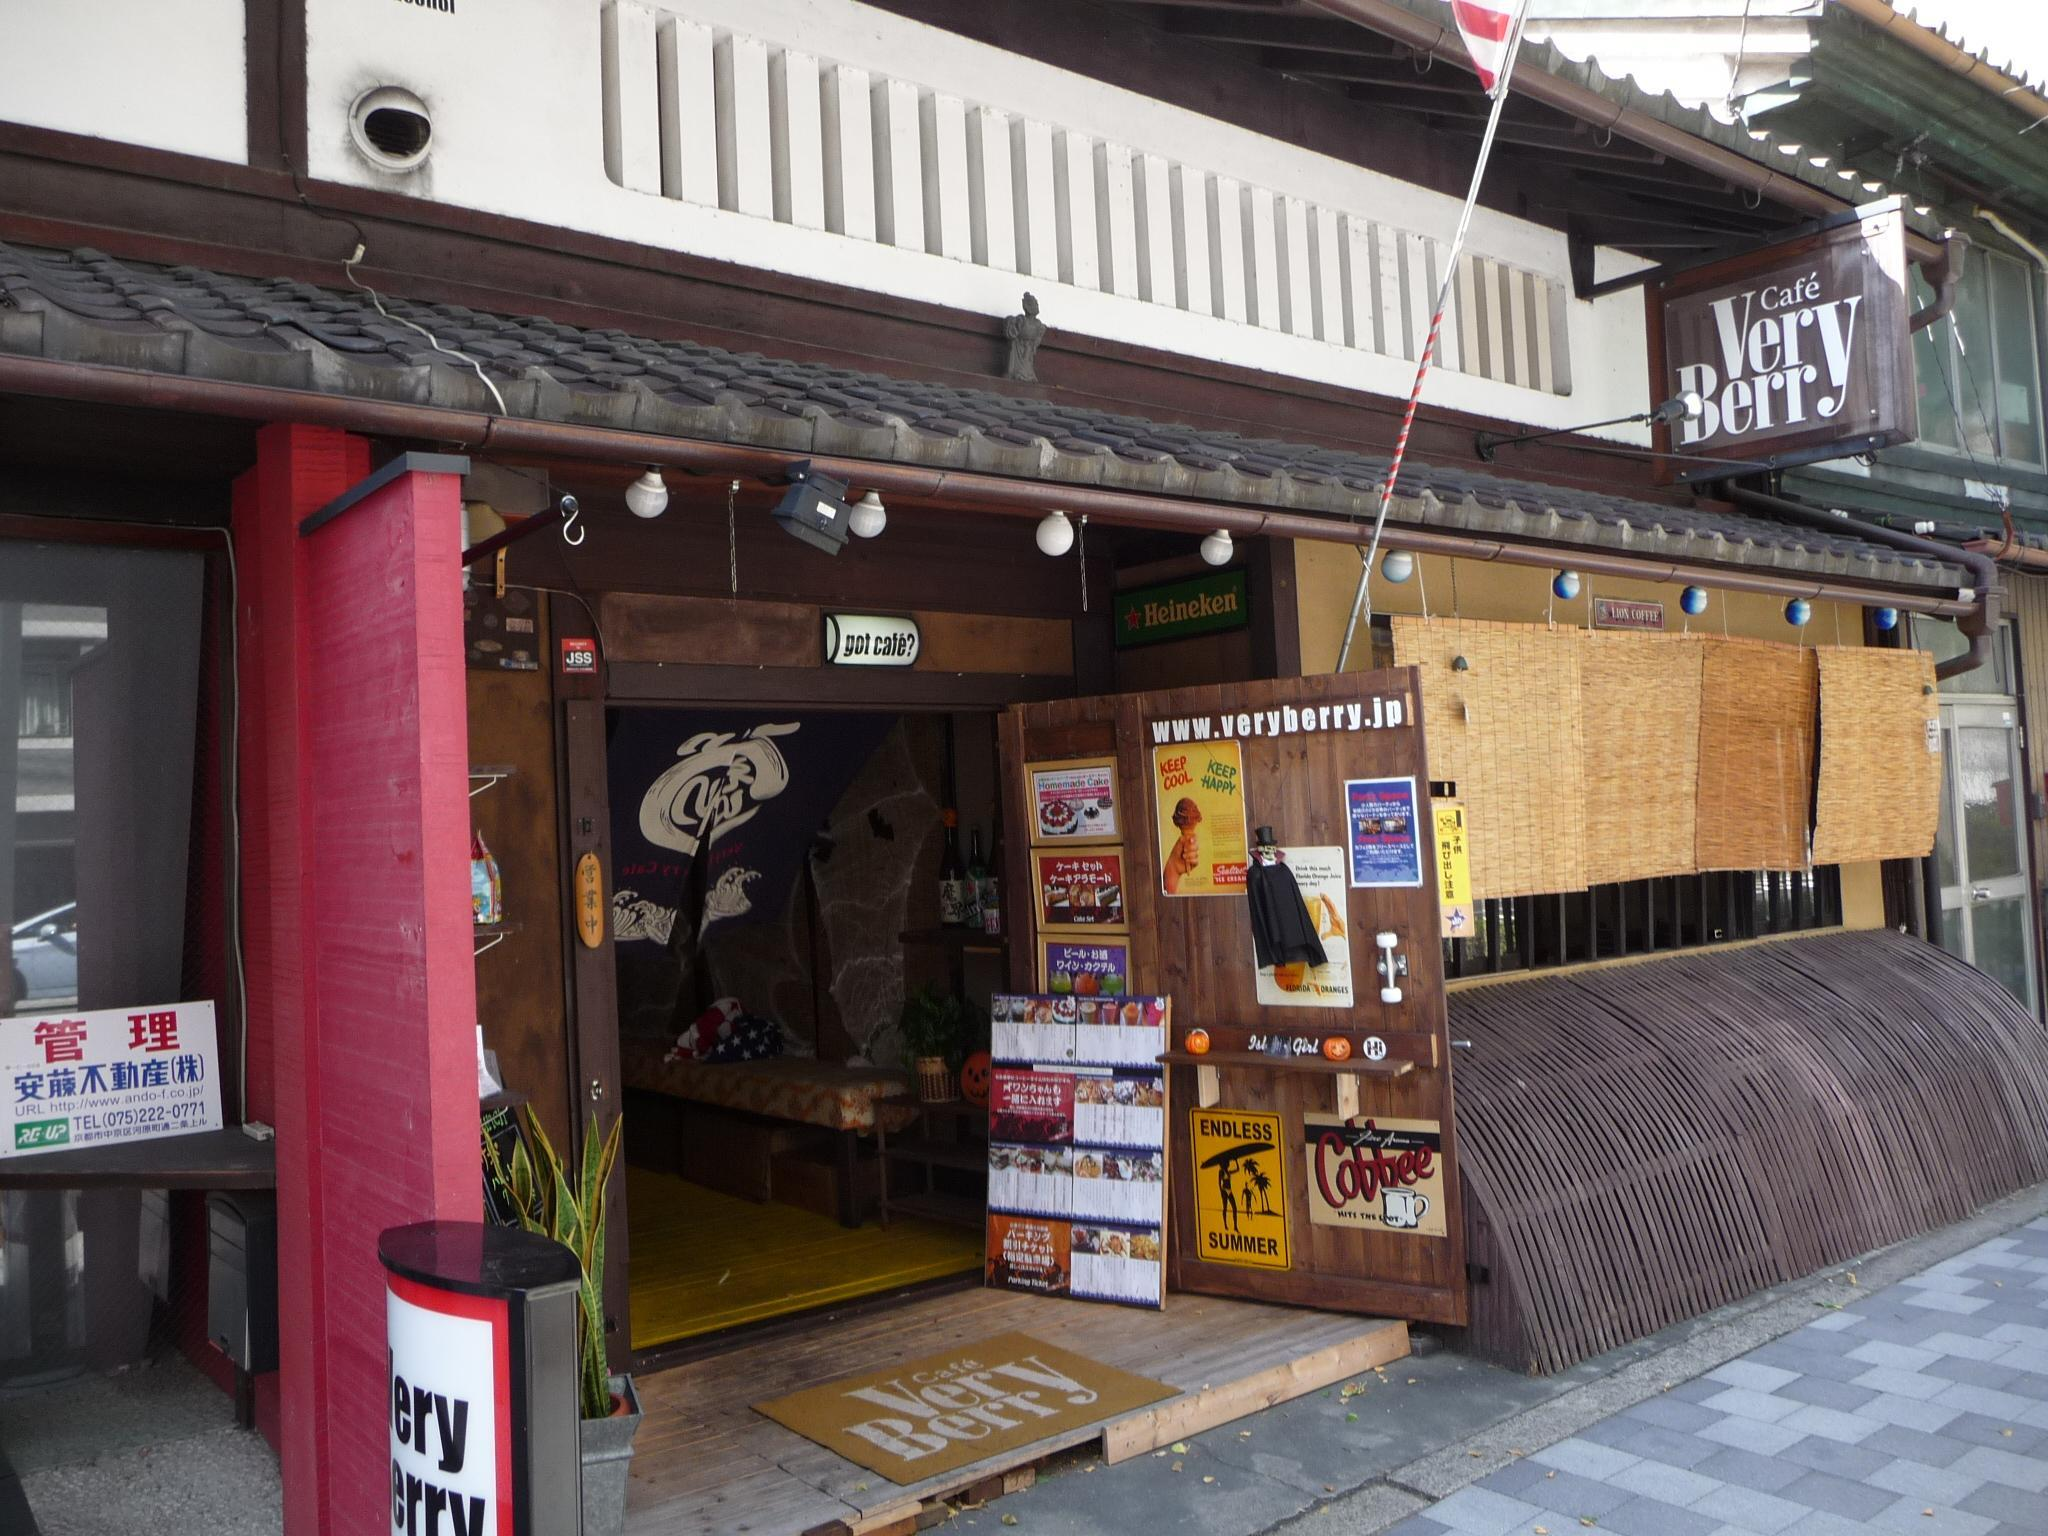 【28位】Very Berry Cafe 河原町二条店